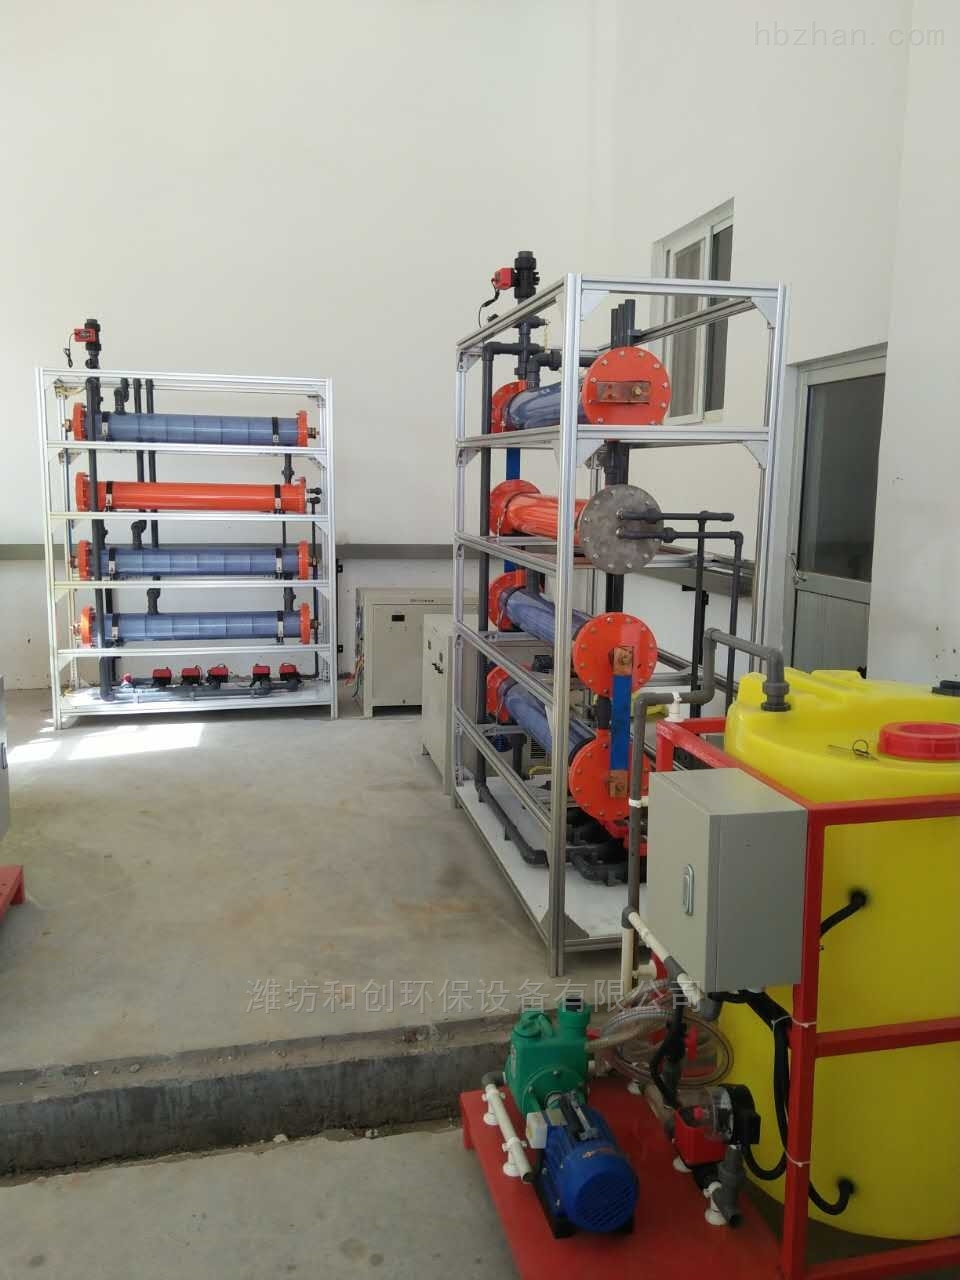 农村饮水消毒电解设备电解盐次氯酸钠发生器